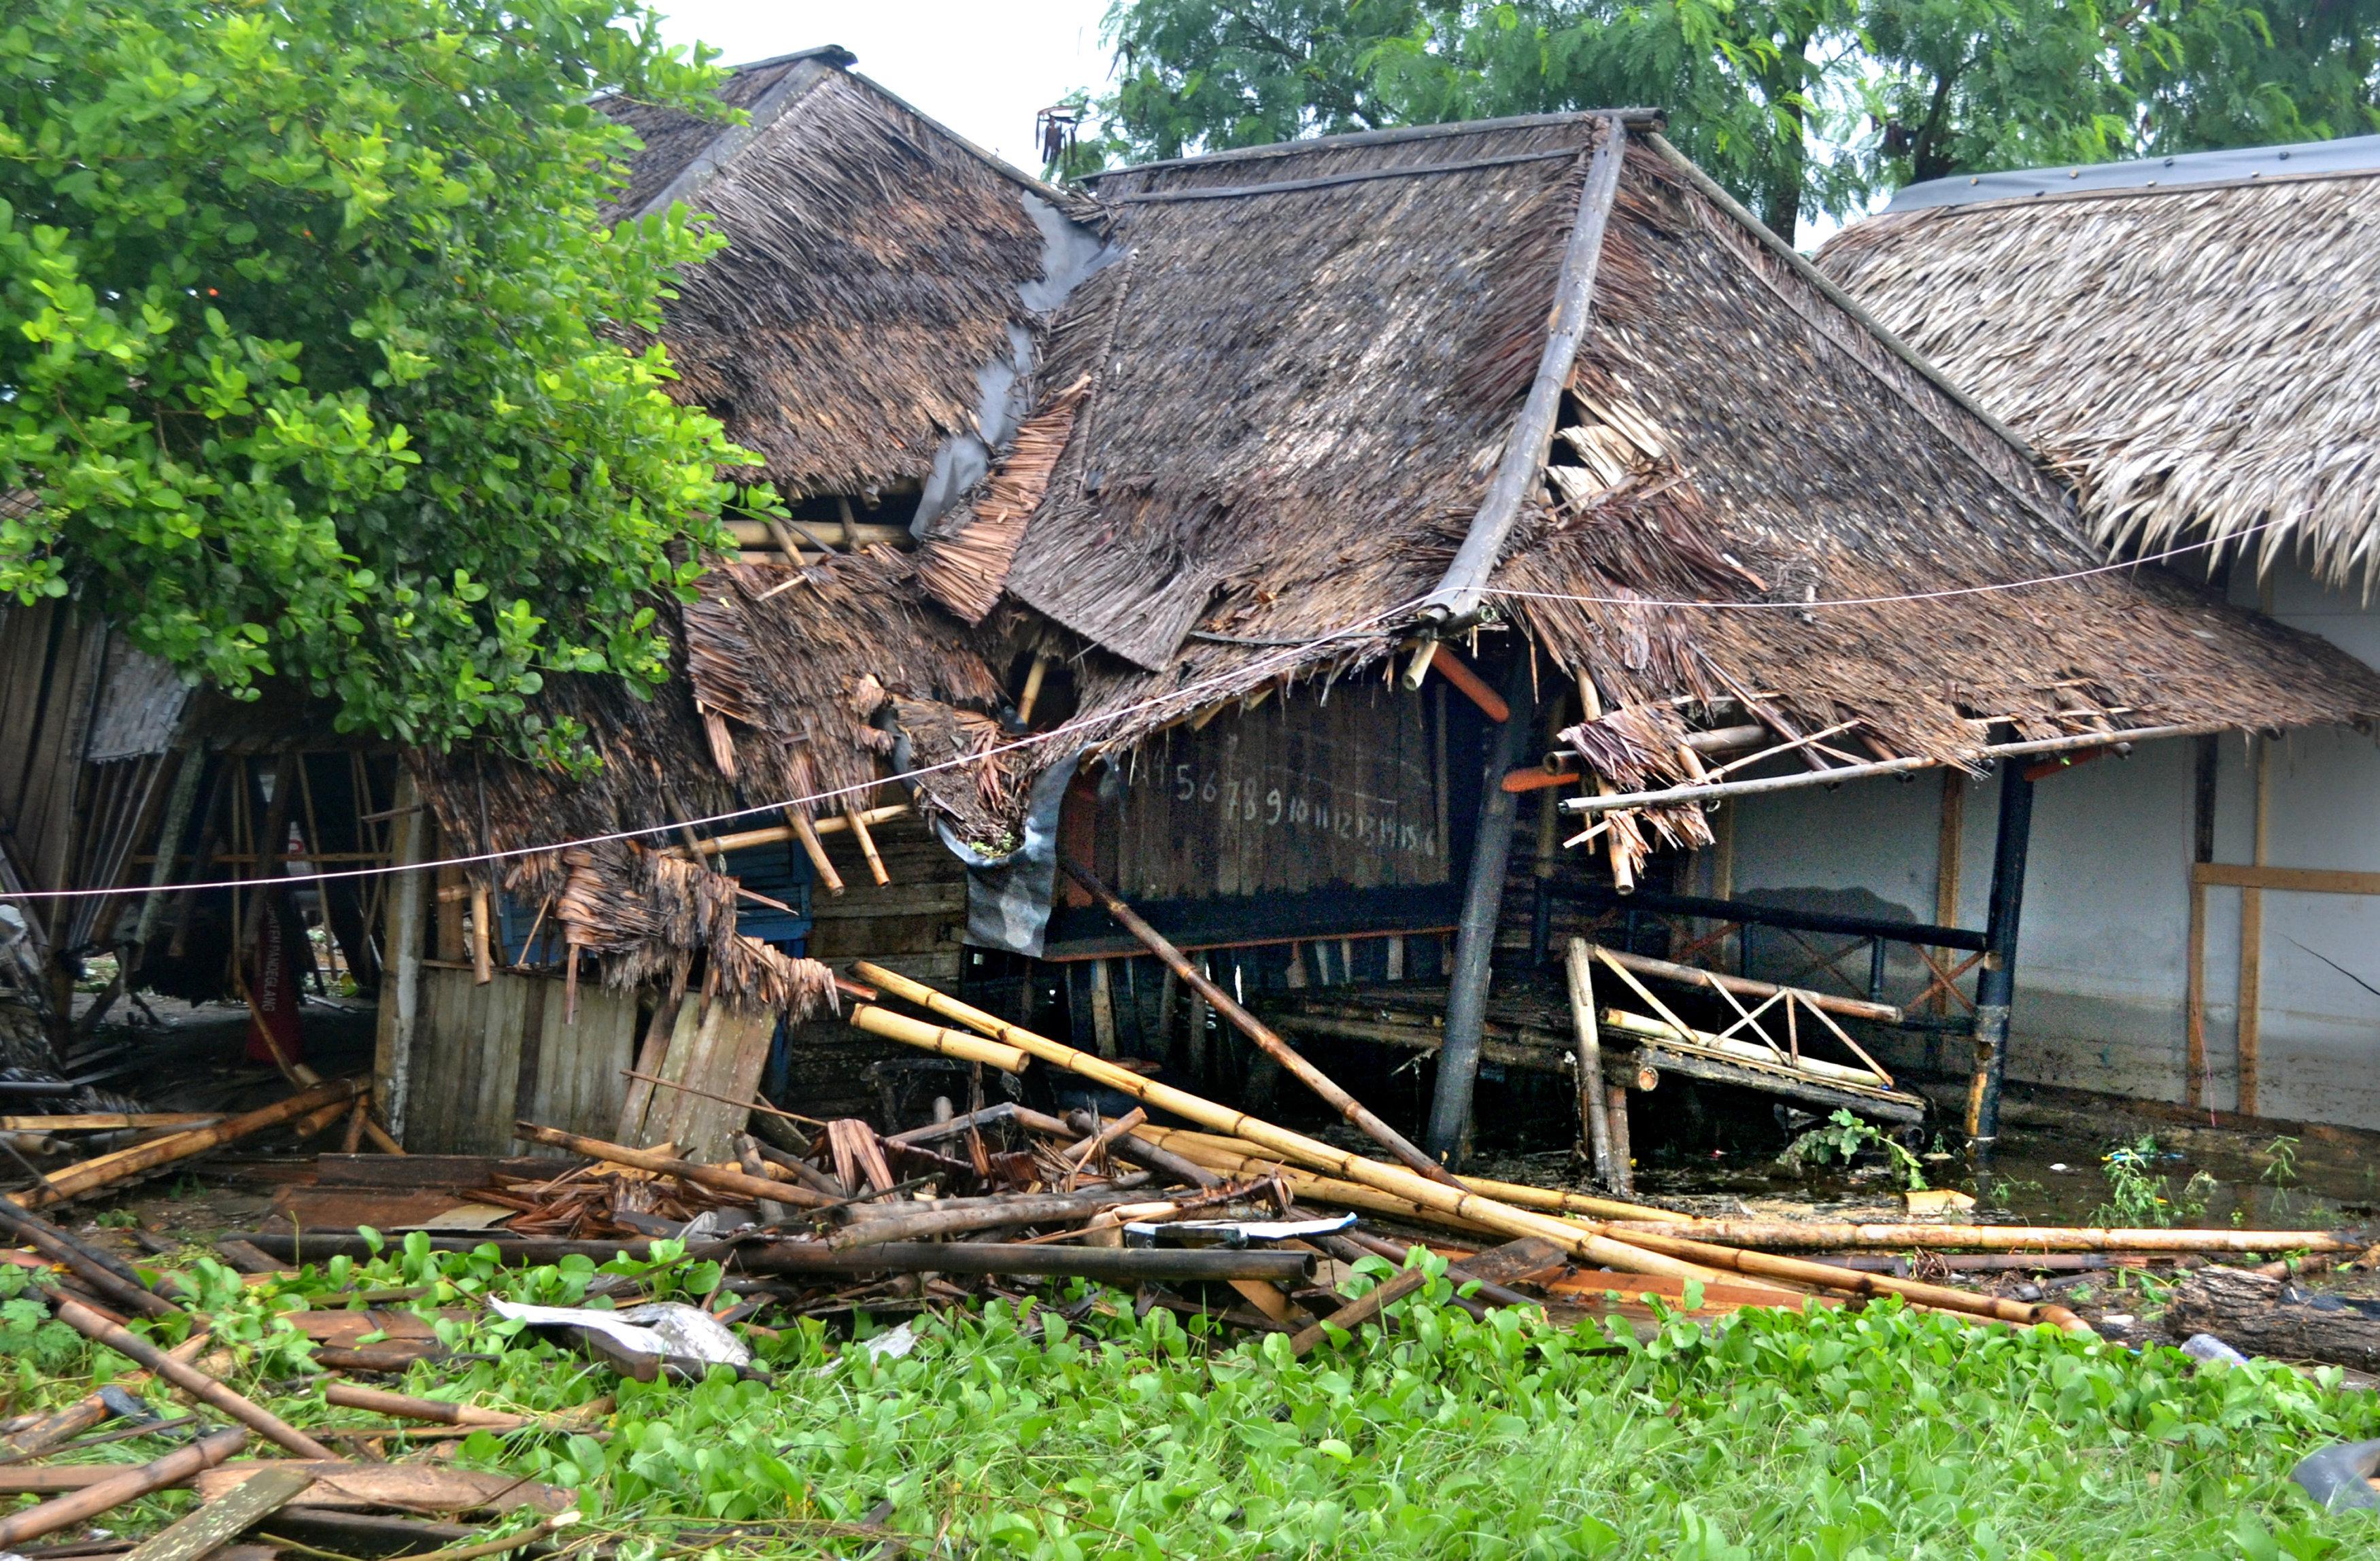 indonisia-xeperasan-toys-220-oi-nekroi-apo-to-tsoynami-meta-tin-ekrixi-ifaisteioy-fotografies-amp-8211-vinteo3